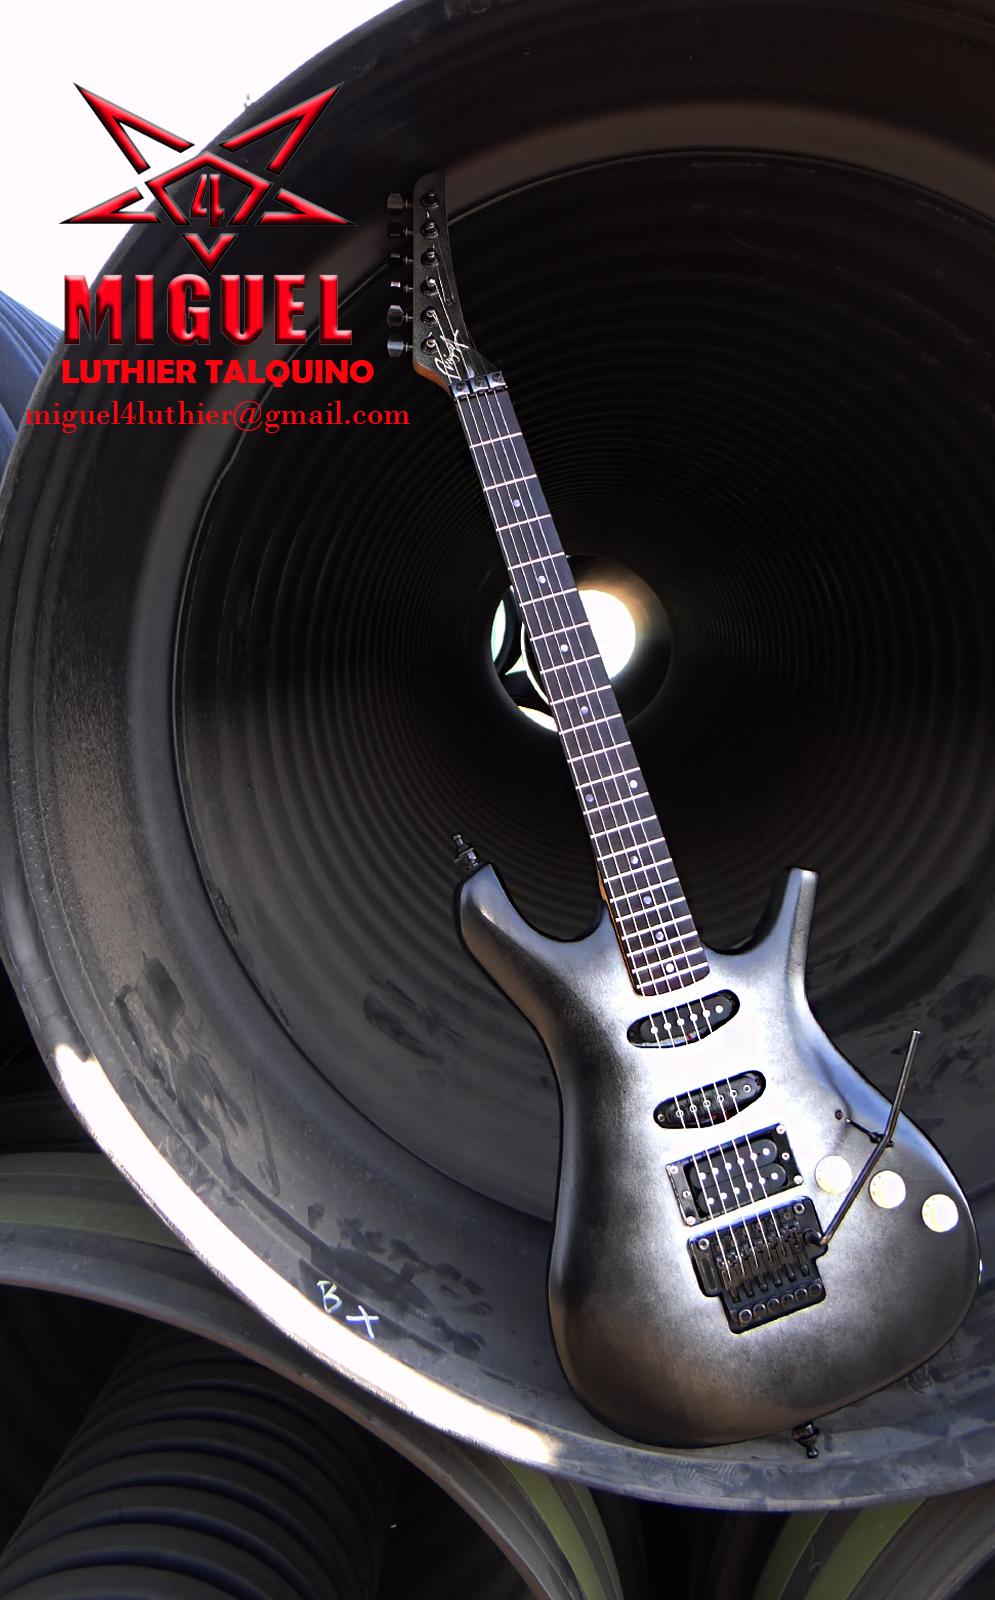 Luthier miguel4 talca creacion de guitarra electrica de for Luthier guitarra electrica